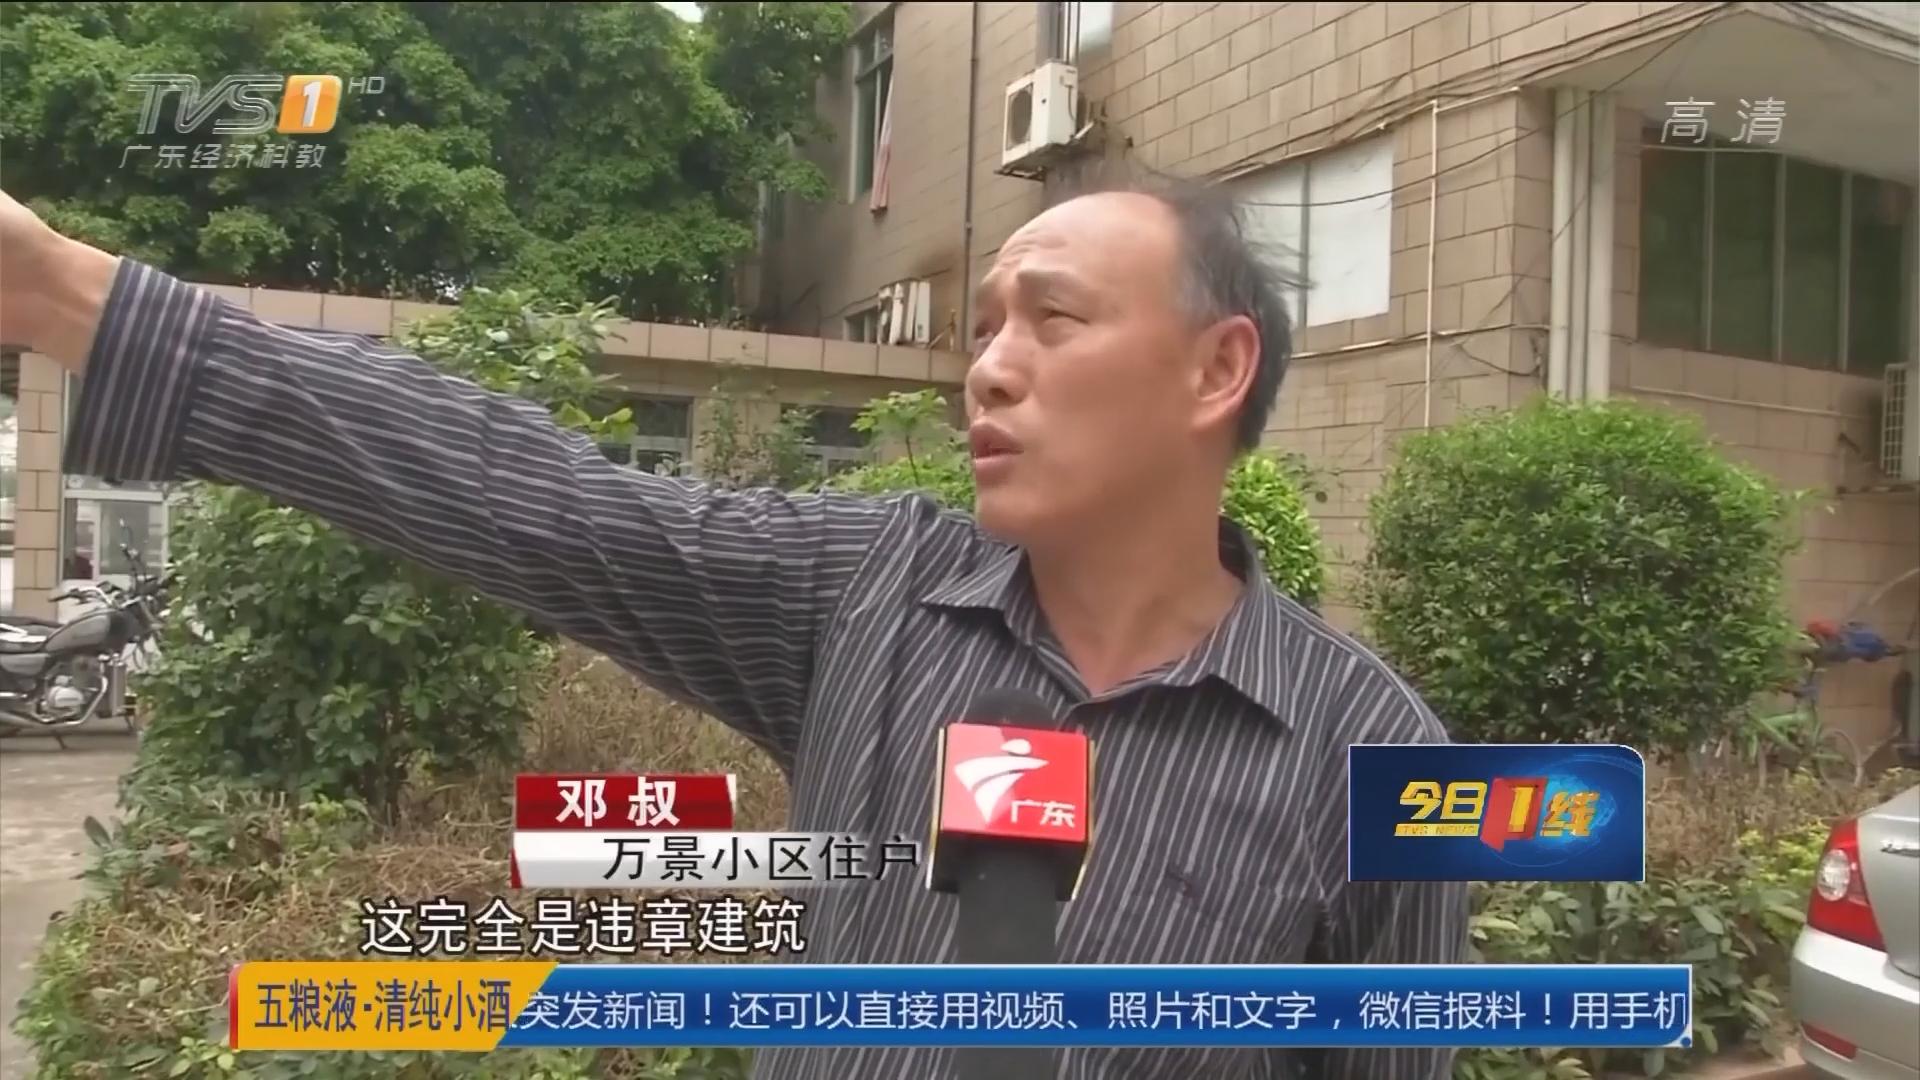 韶关:小区加建楼梯 住户担心安全